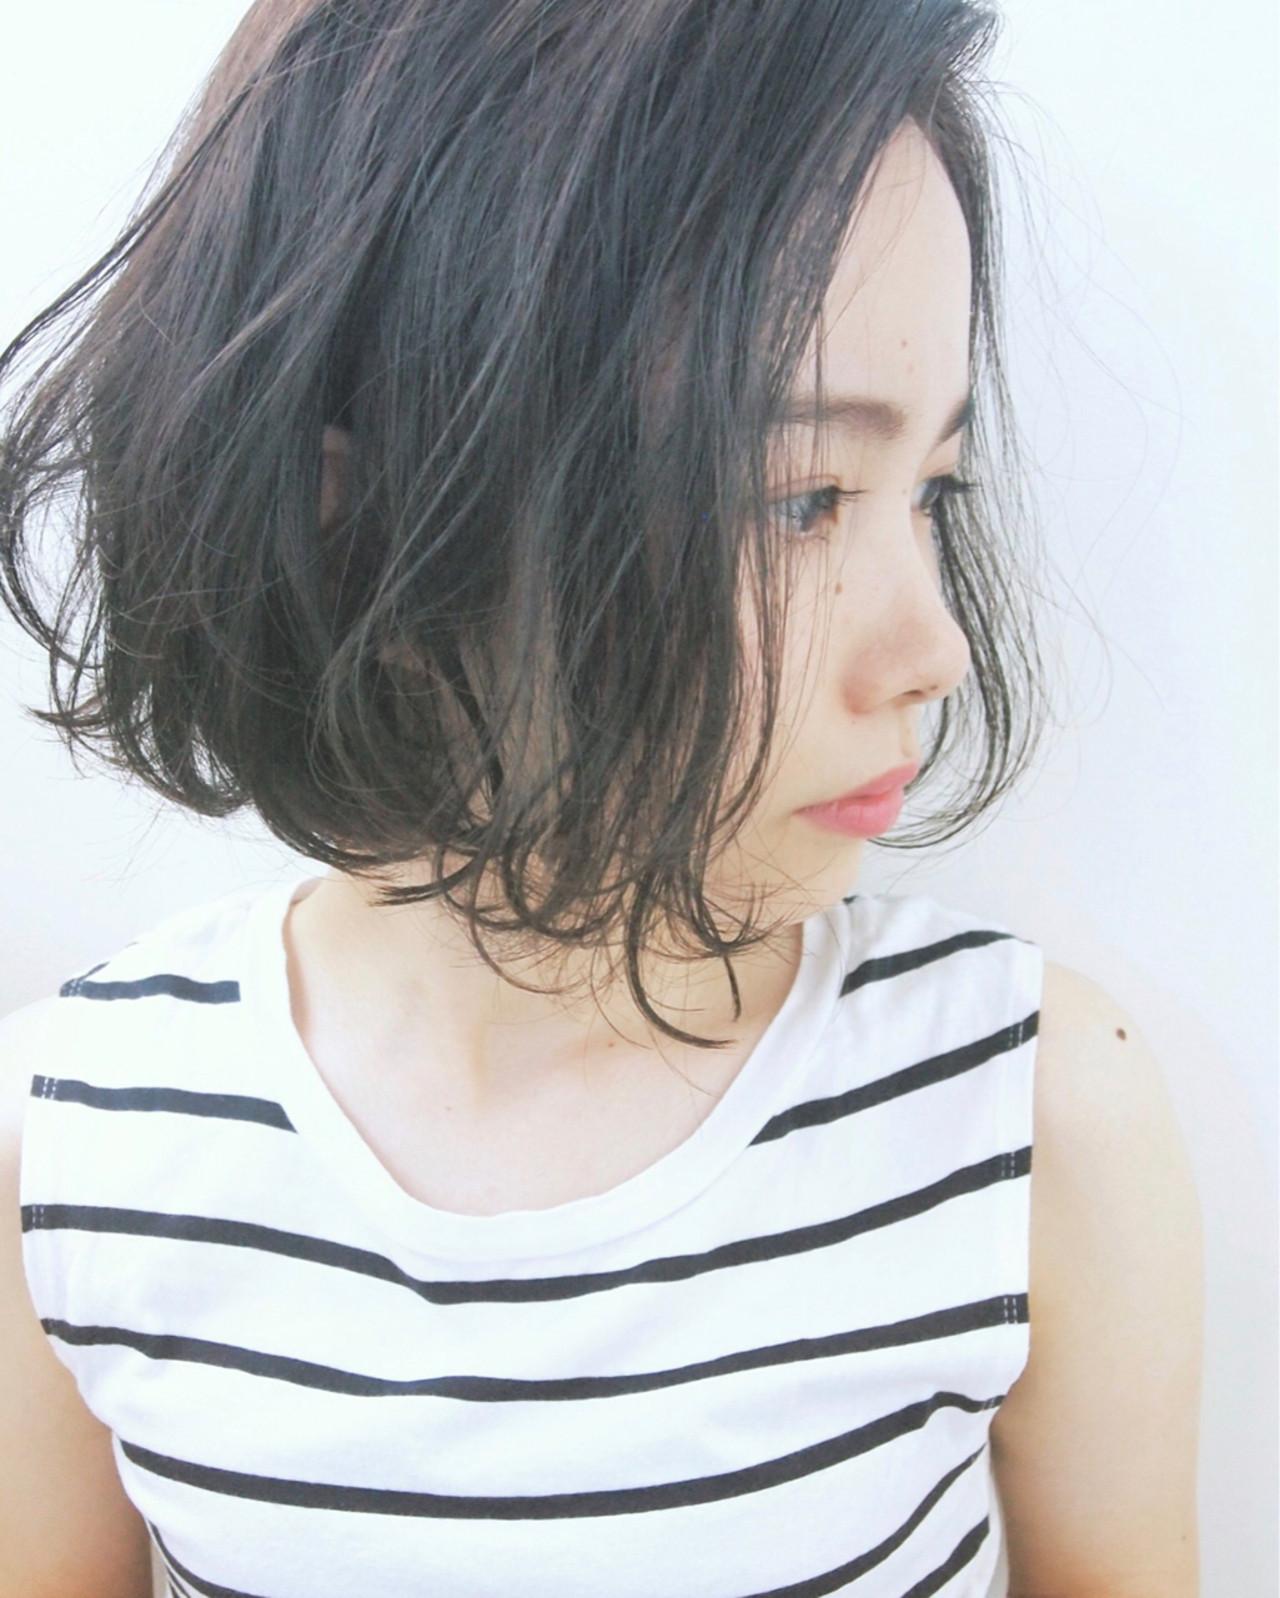 内巻き外巻きミックスカールボブ UEKI/nanuk